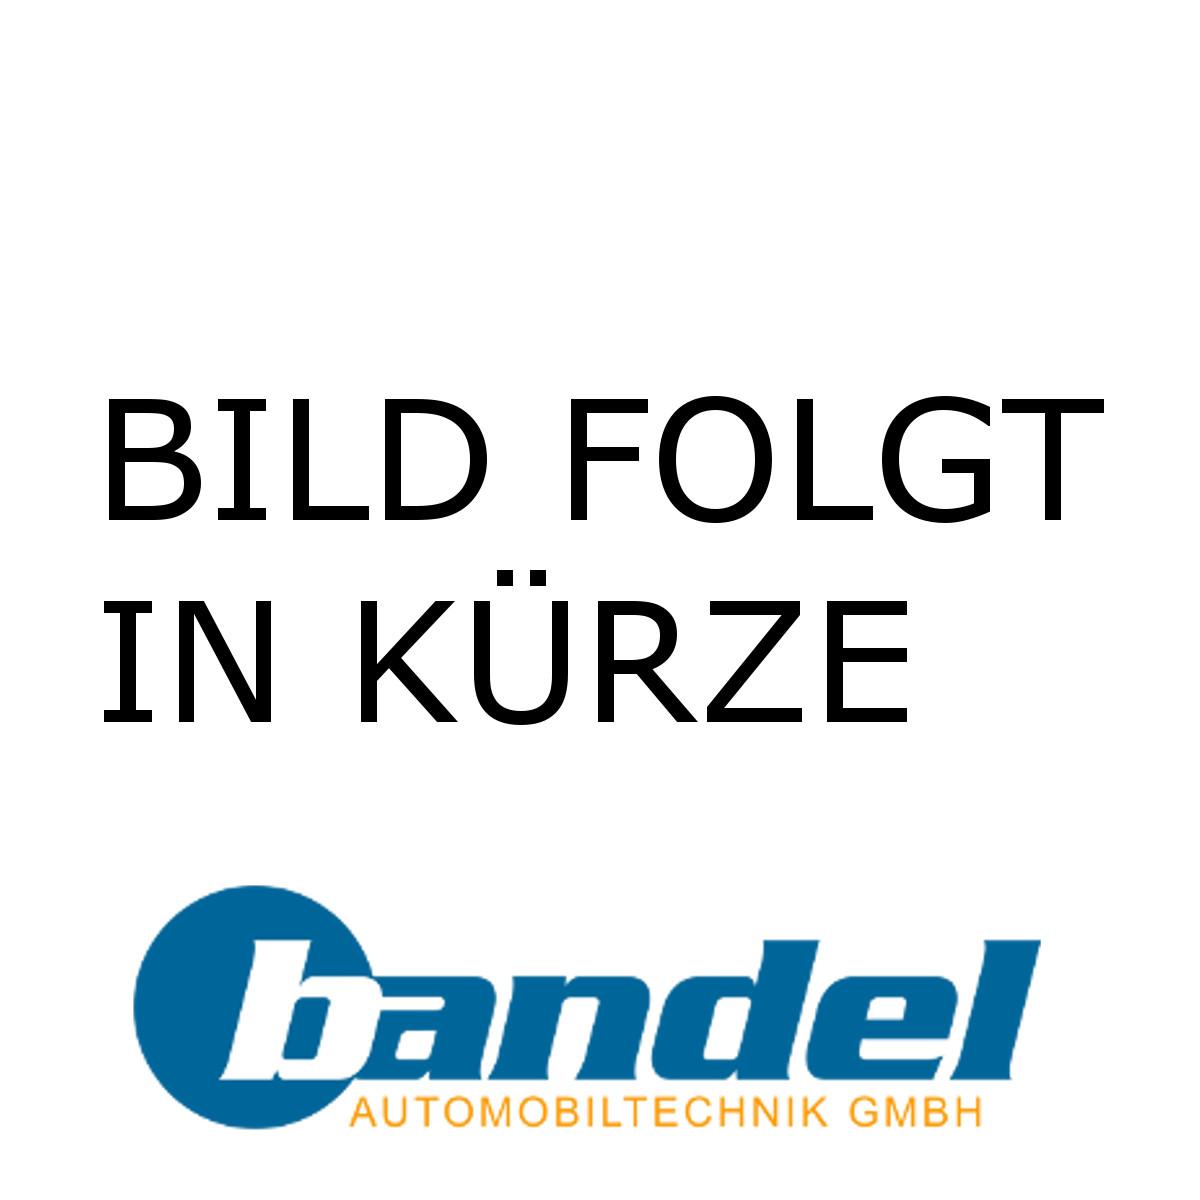 CONTI KEILRIPPENRIEMEN 4PK890 + SPANNROLLE KLIMA BMW E36 E34 Z3 1.8-1.9i Pic:1